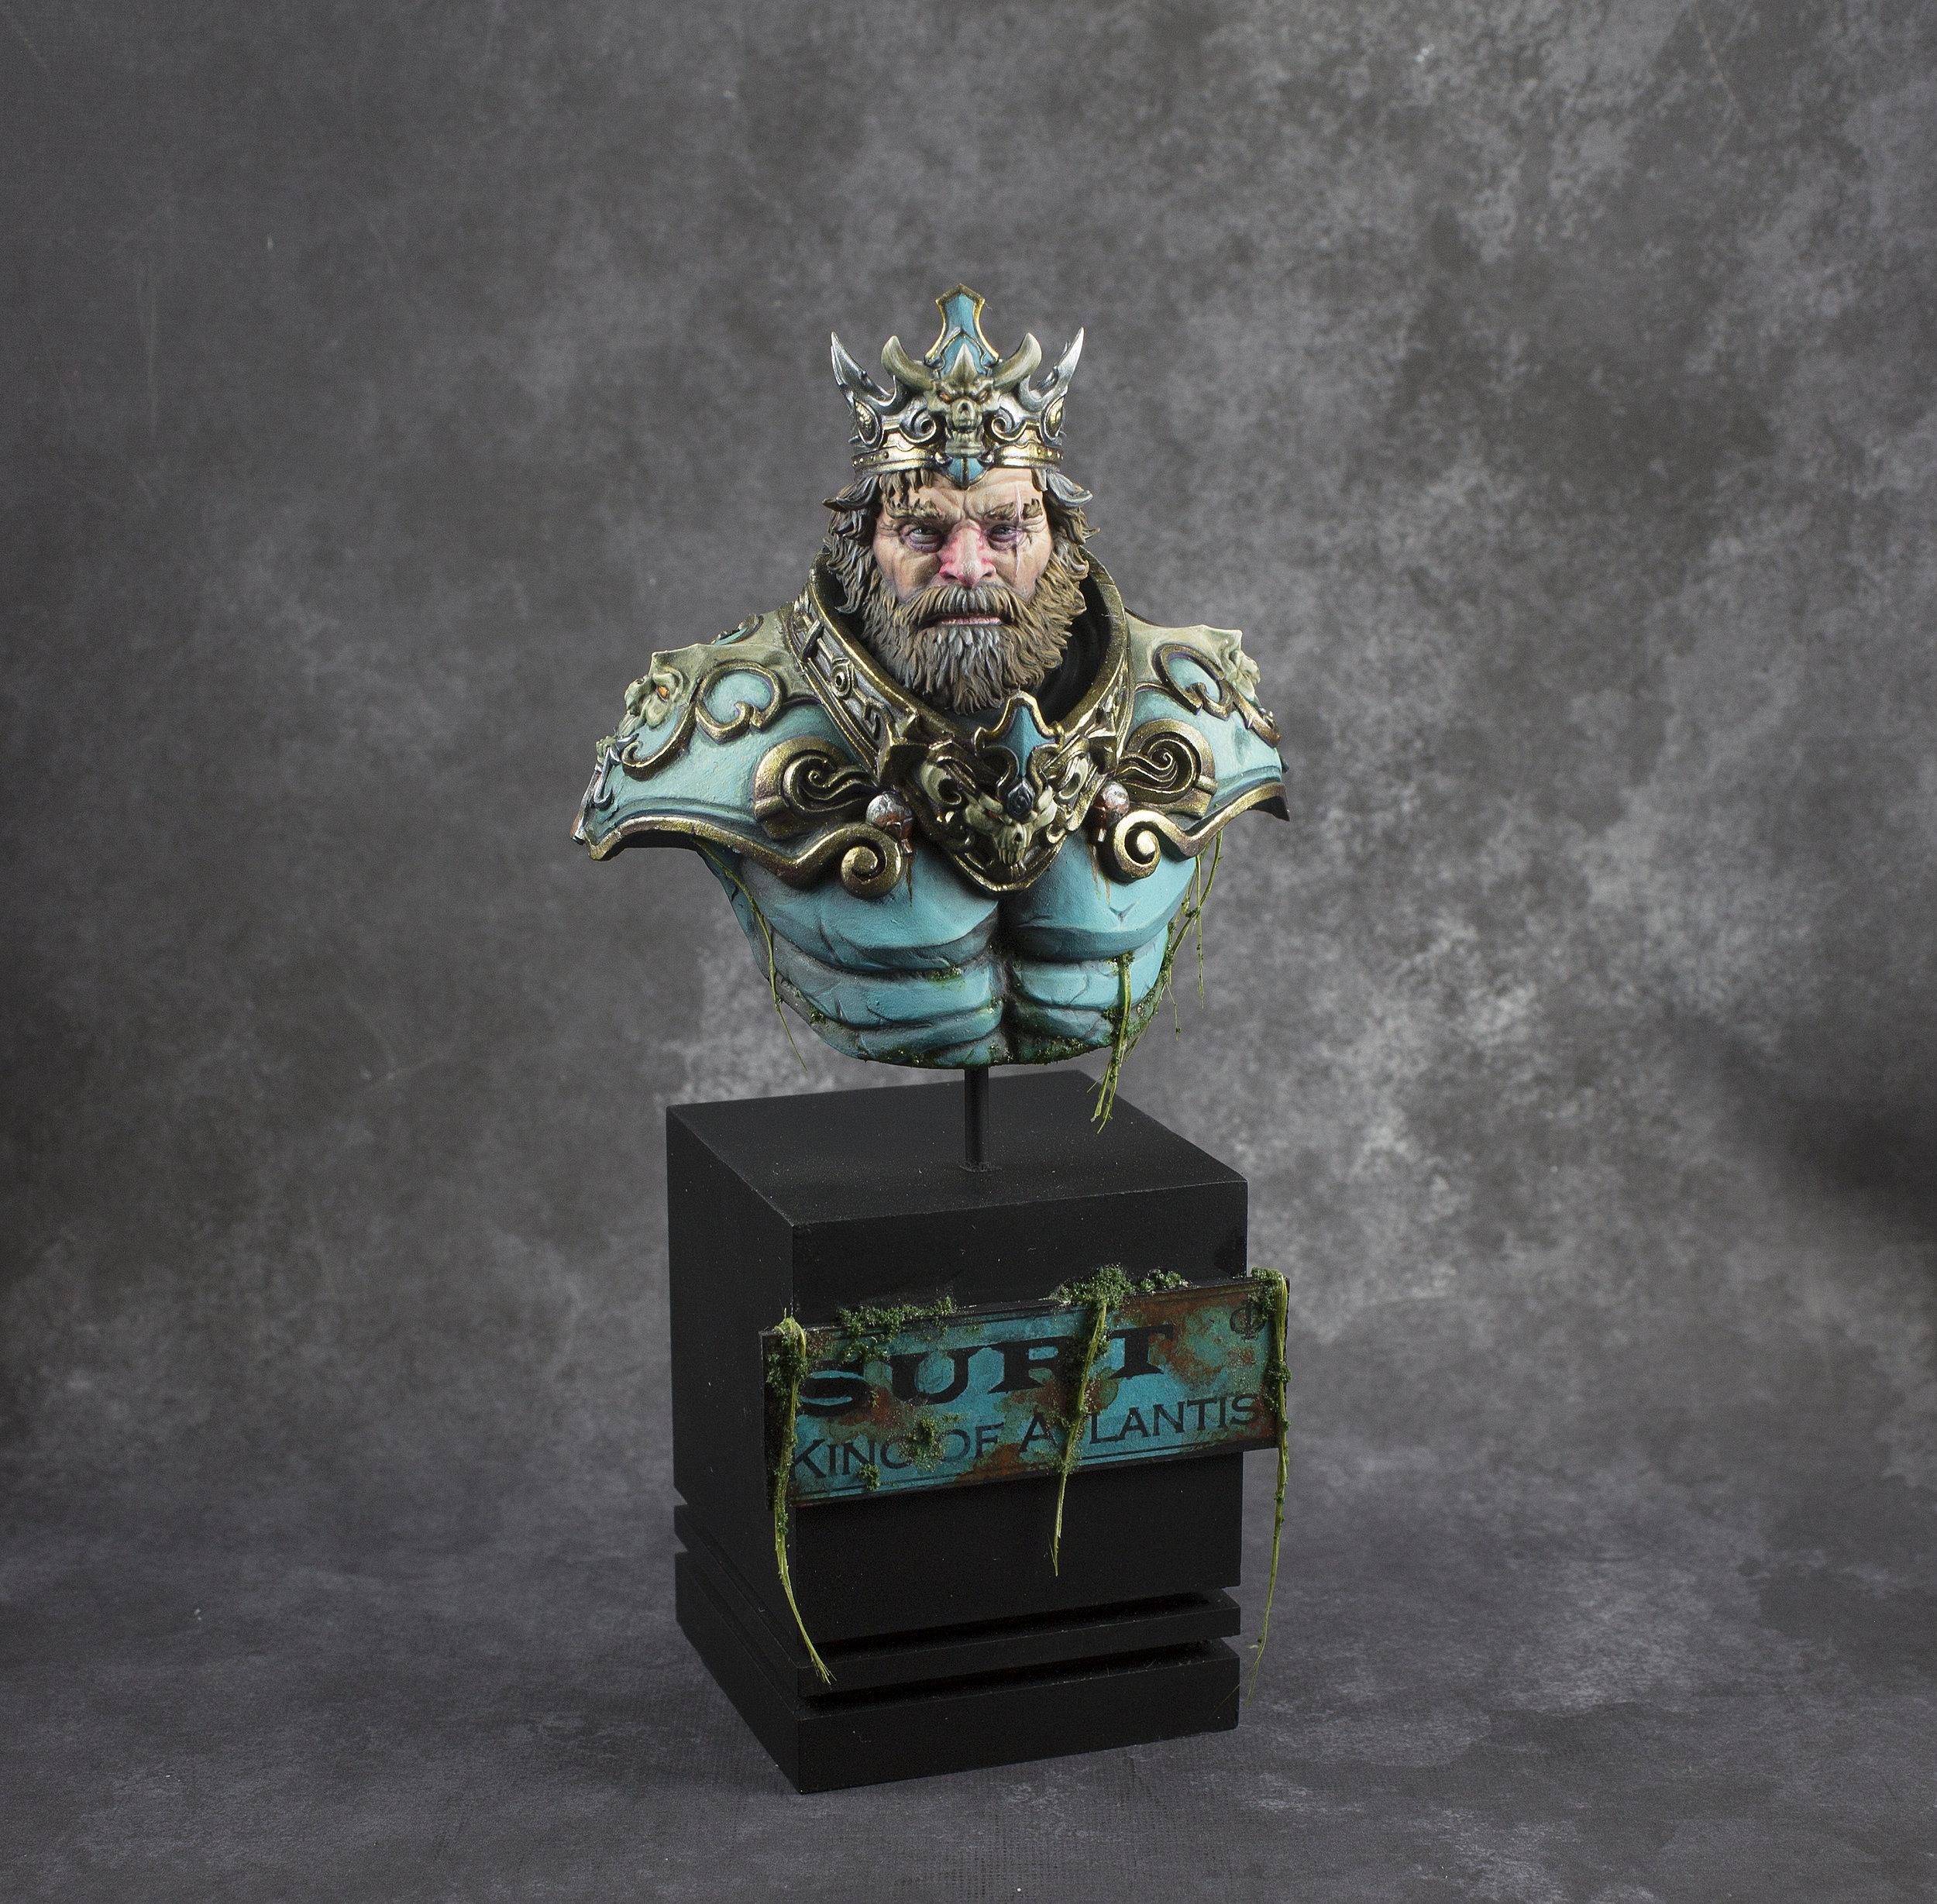 Surt, King of Atlantis